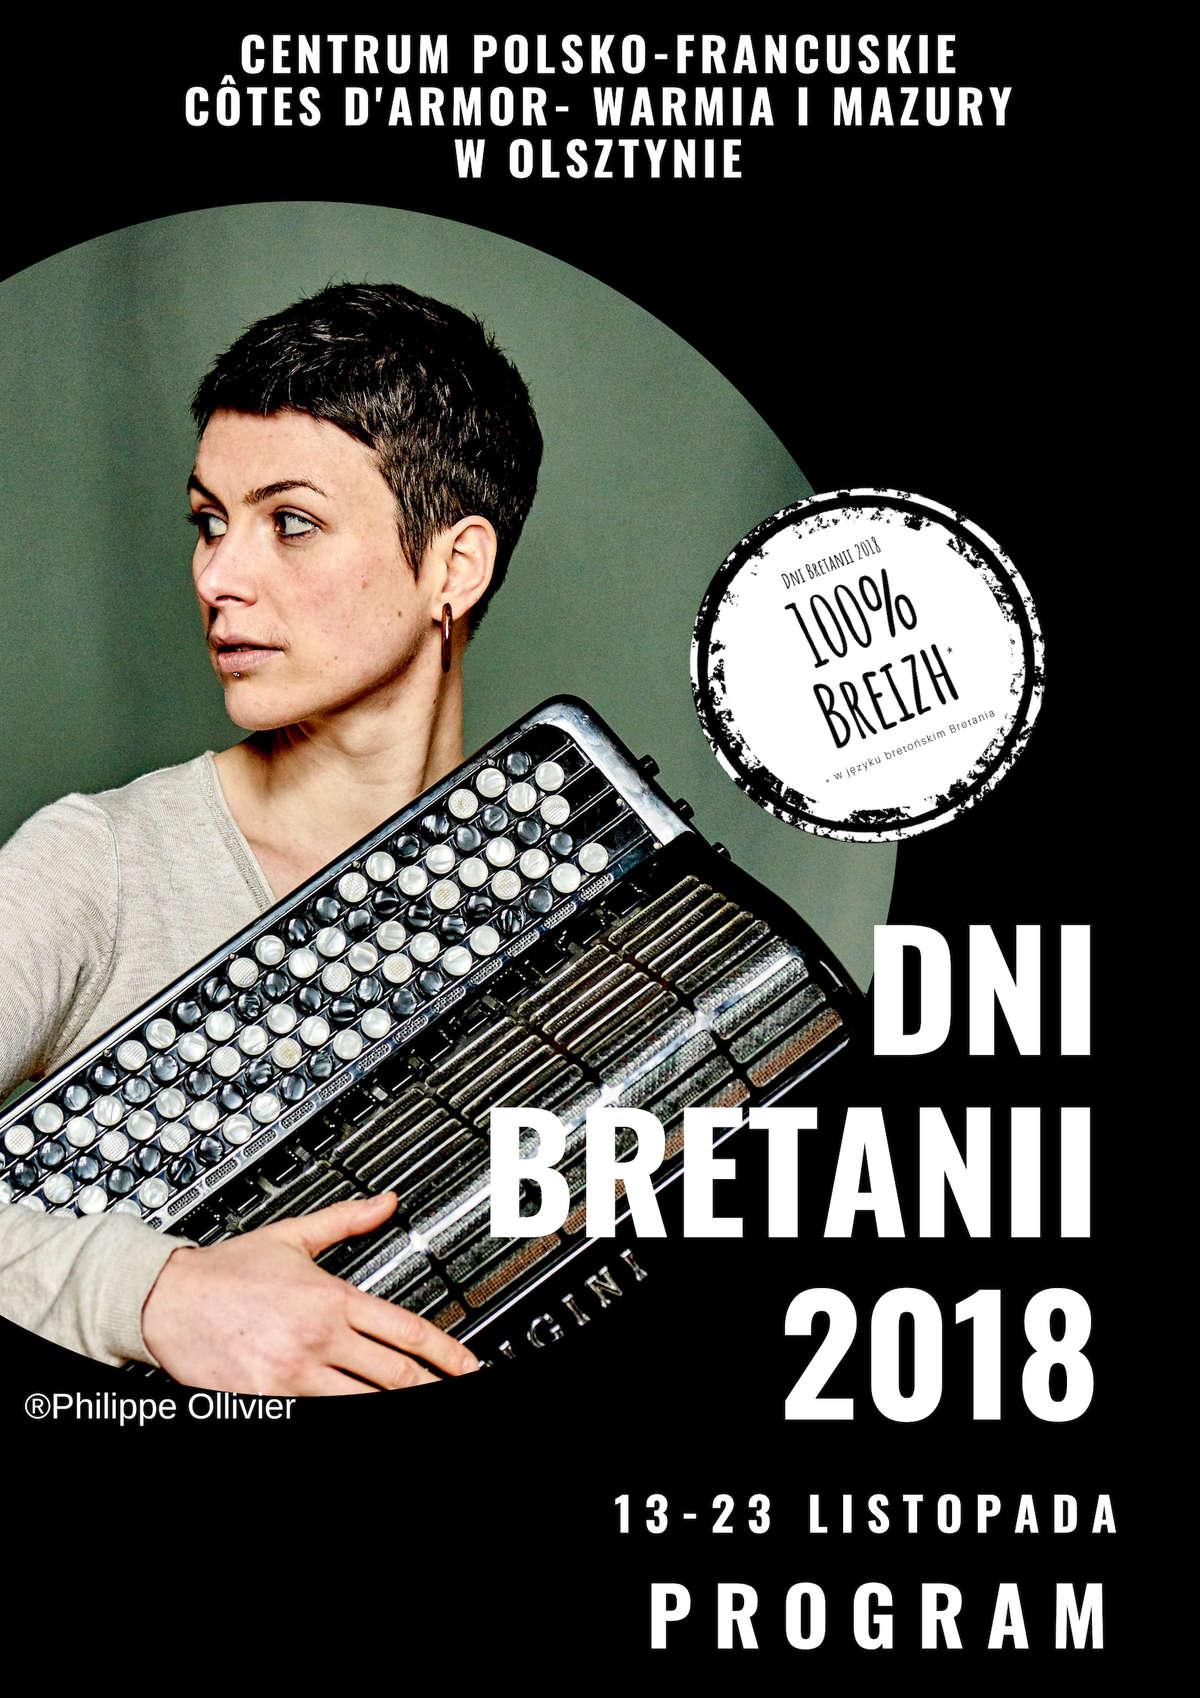 dni Bretanii w Olsztynie 2018 - full image